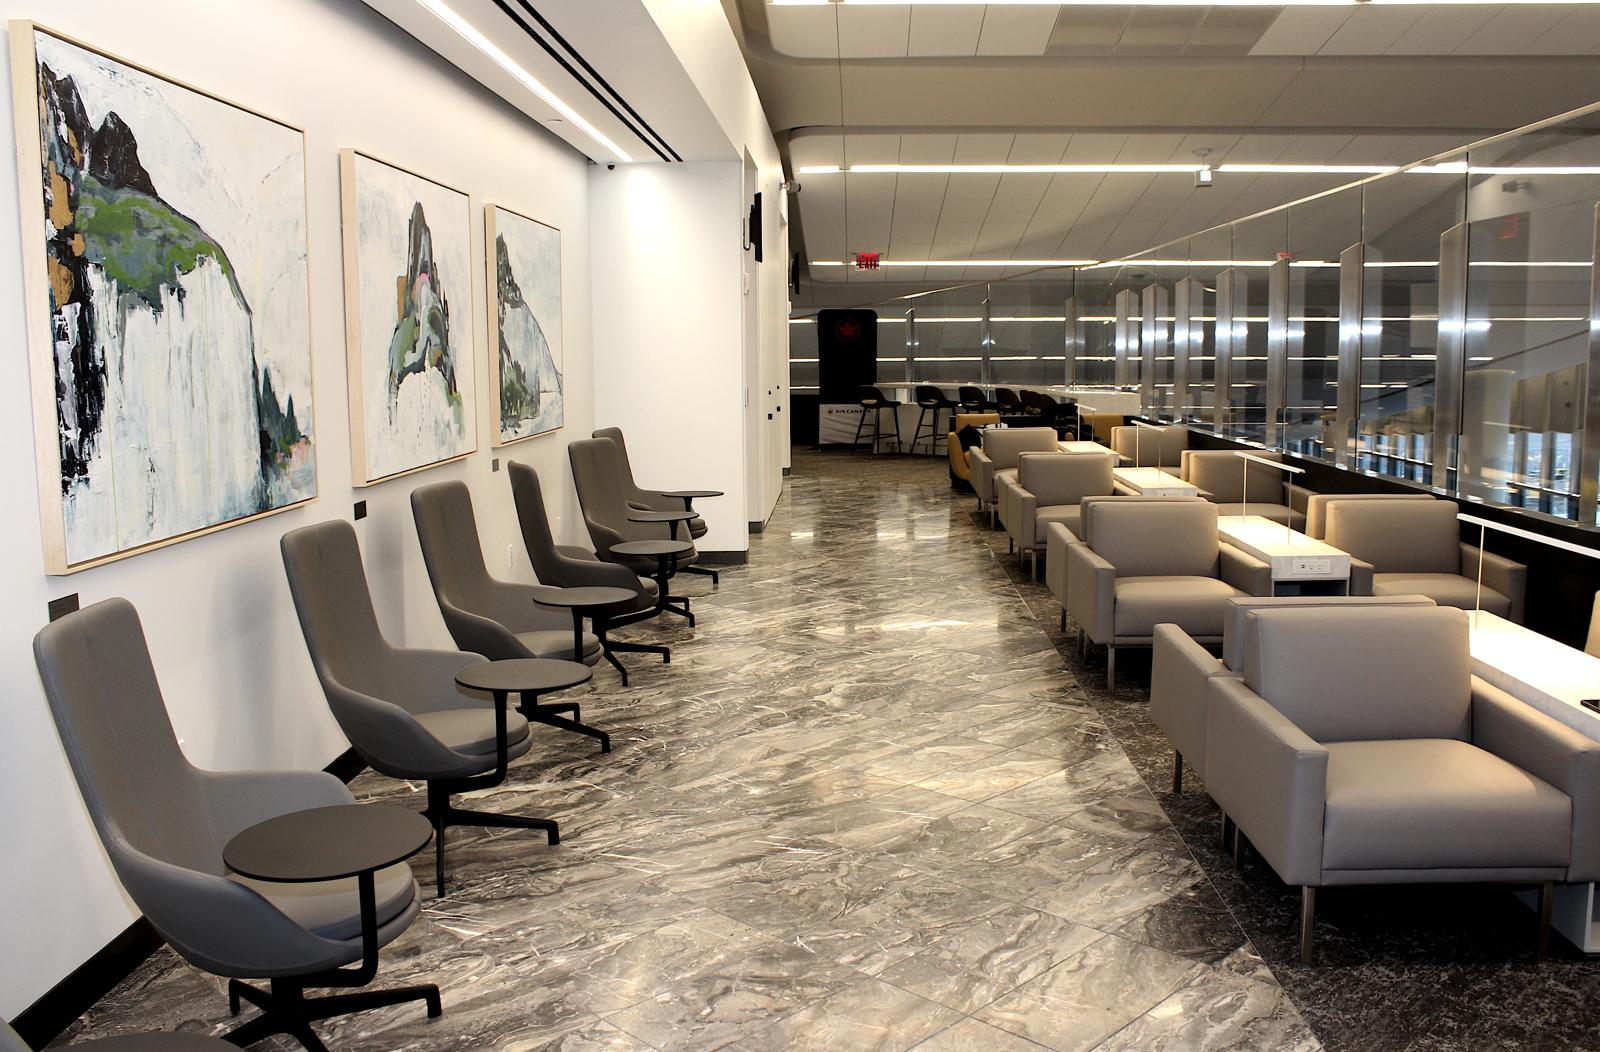 Le salon Feuille d'érable d'Air Canada à l'aéroport LaGuardia.